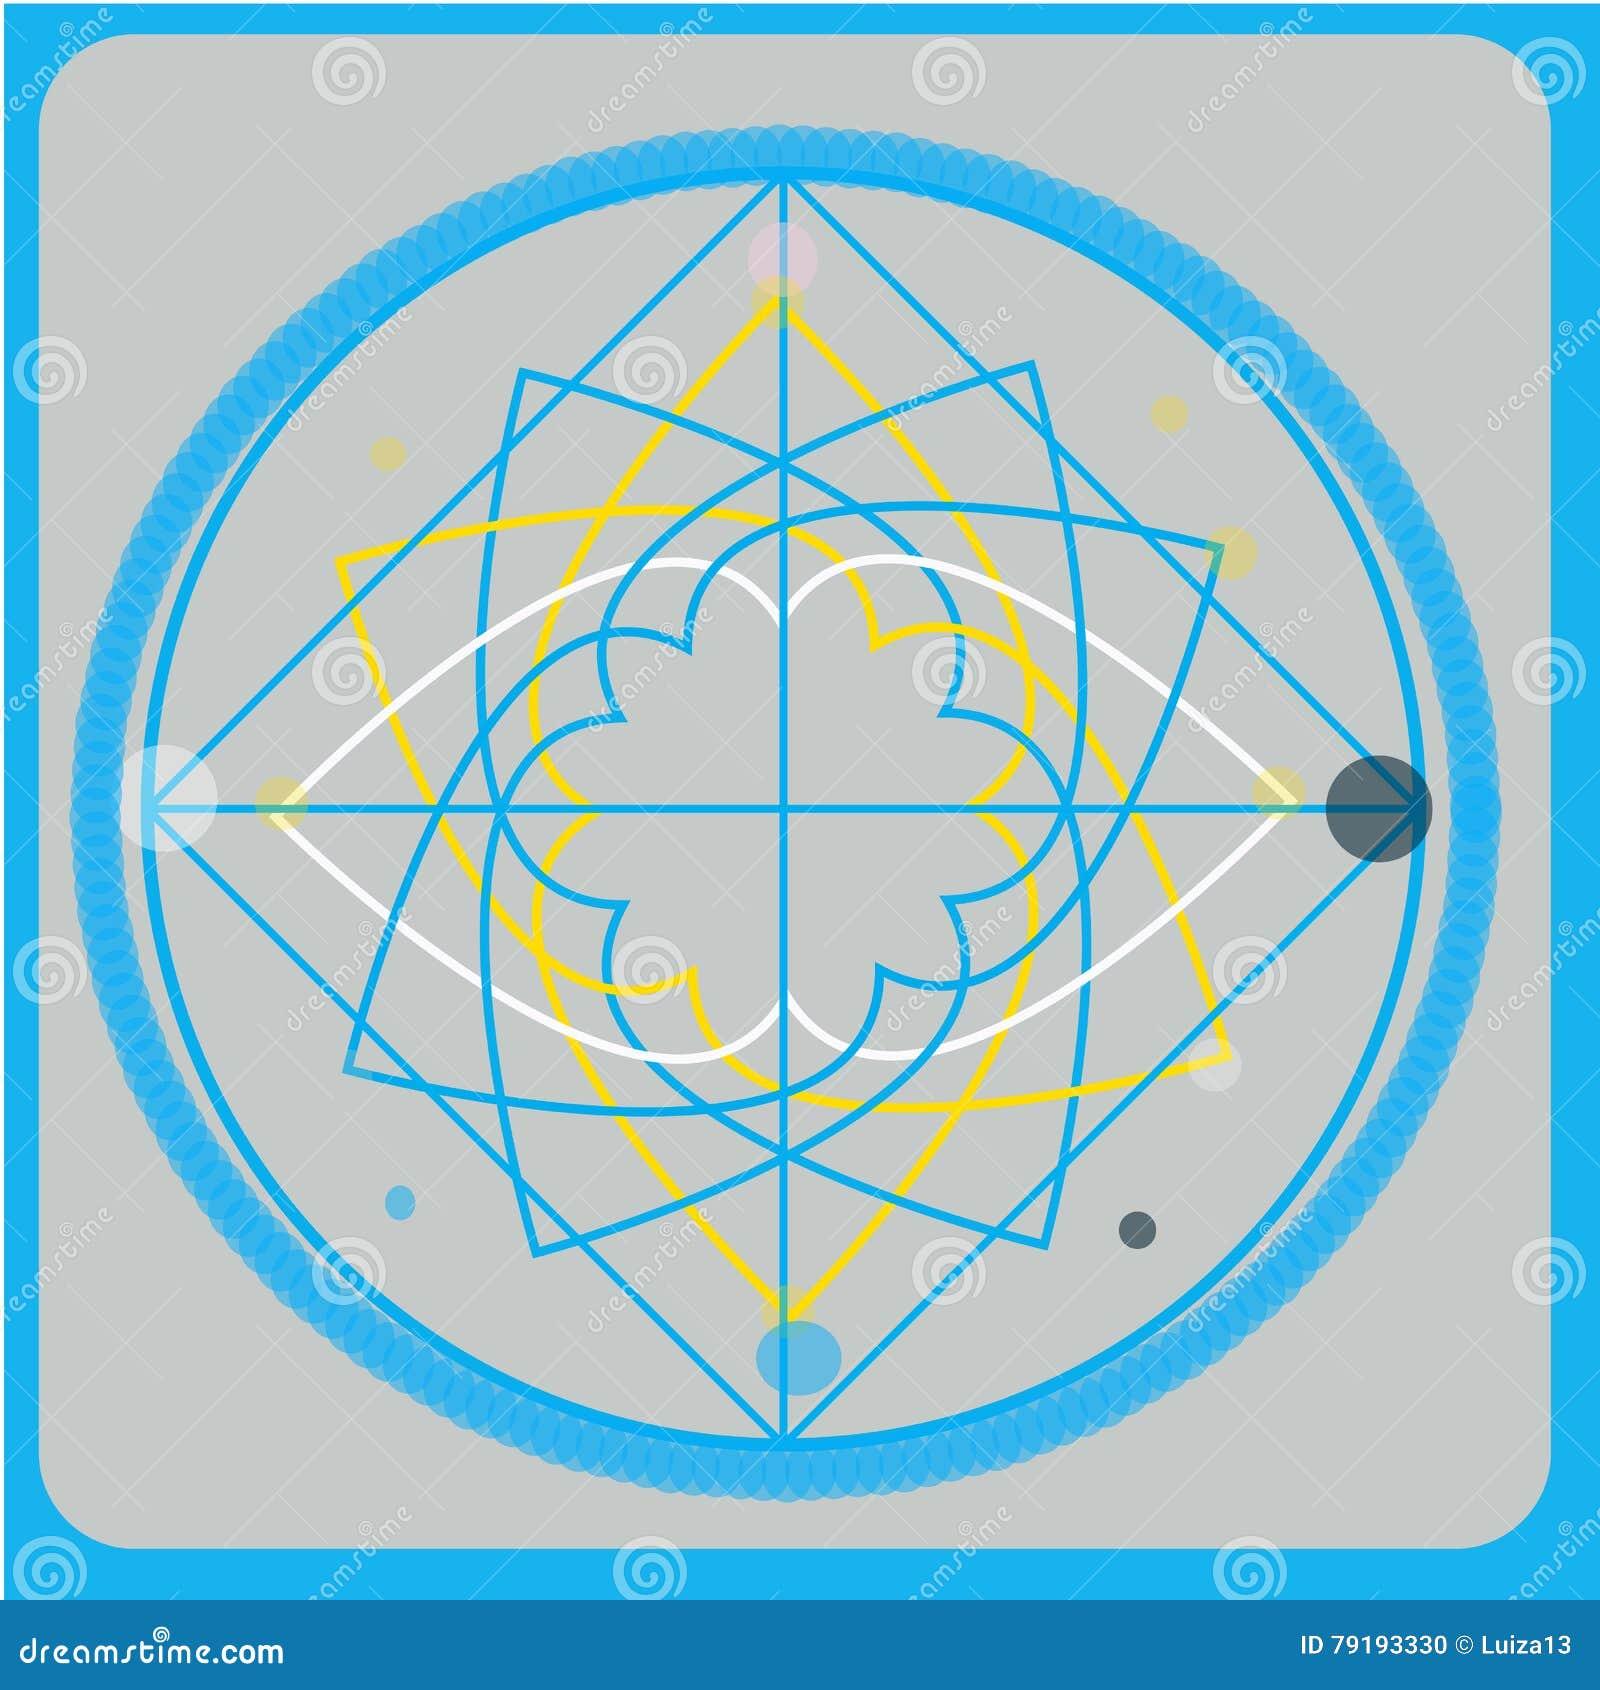 De heilige elementen van het meetkunde vectorontwerp Alchimie, godsdienst, filosofie, spiritualiteit, hipster symbolen en